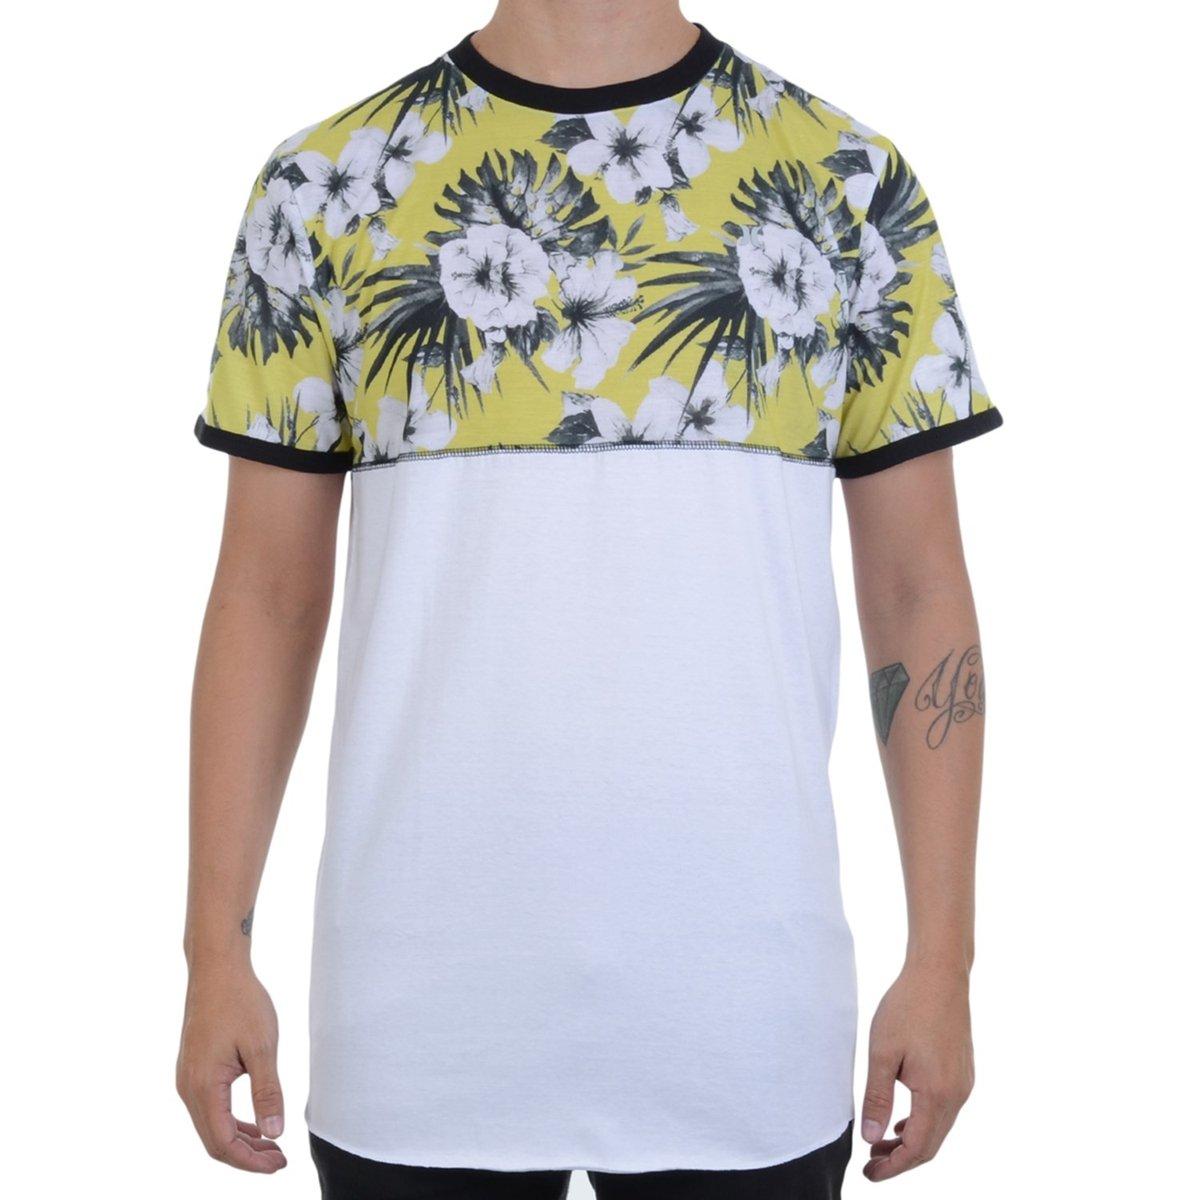 Camiseta Hurley Premium - Compre Agora  8a9729b56e4